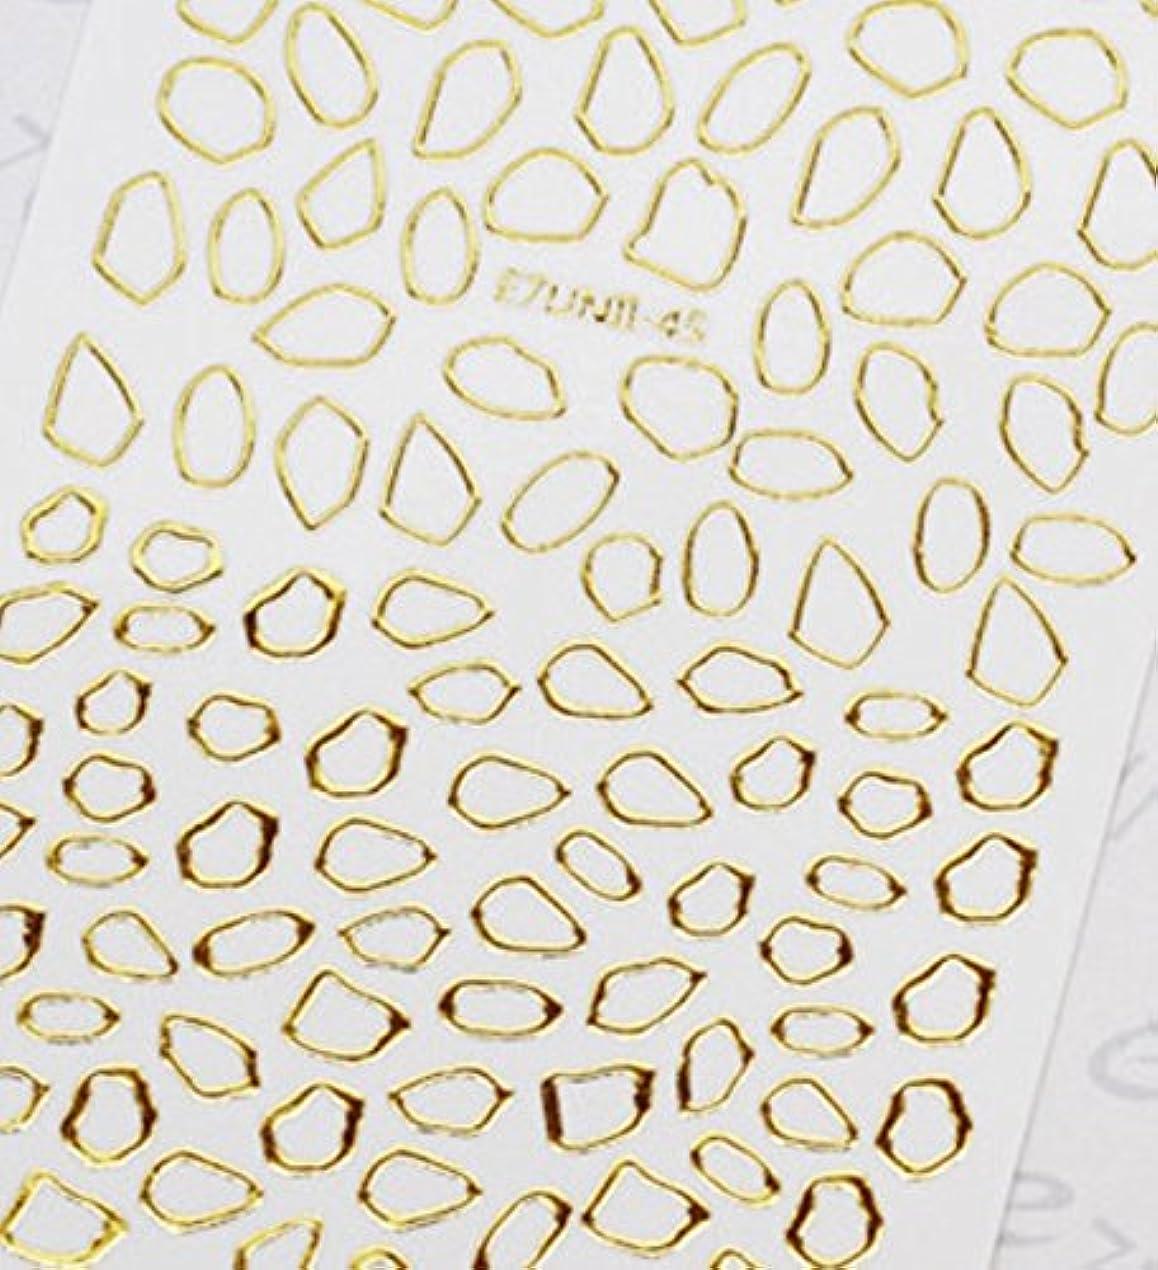 我慢する同様のカルシウム極薄直接貼るタイプ ネイルシール スティッカー 枠 変形フレーム 垂らしこみアート用 多種多様なデザインに対応可能 ゴールド 金色 45番